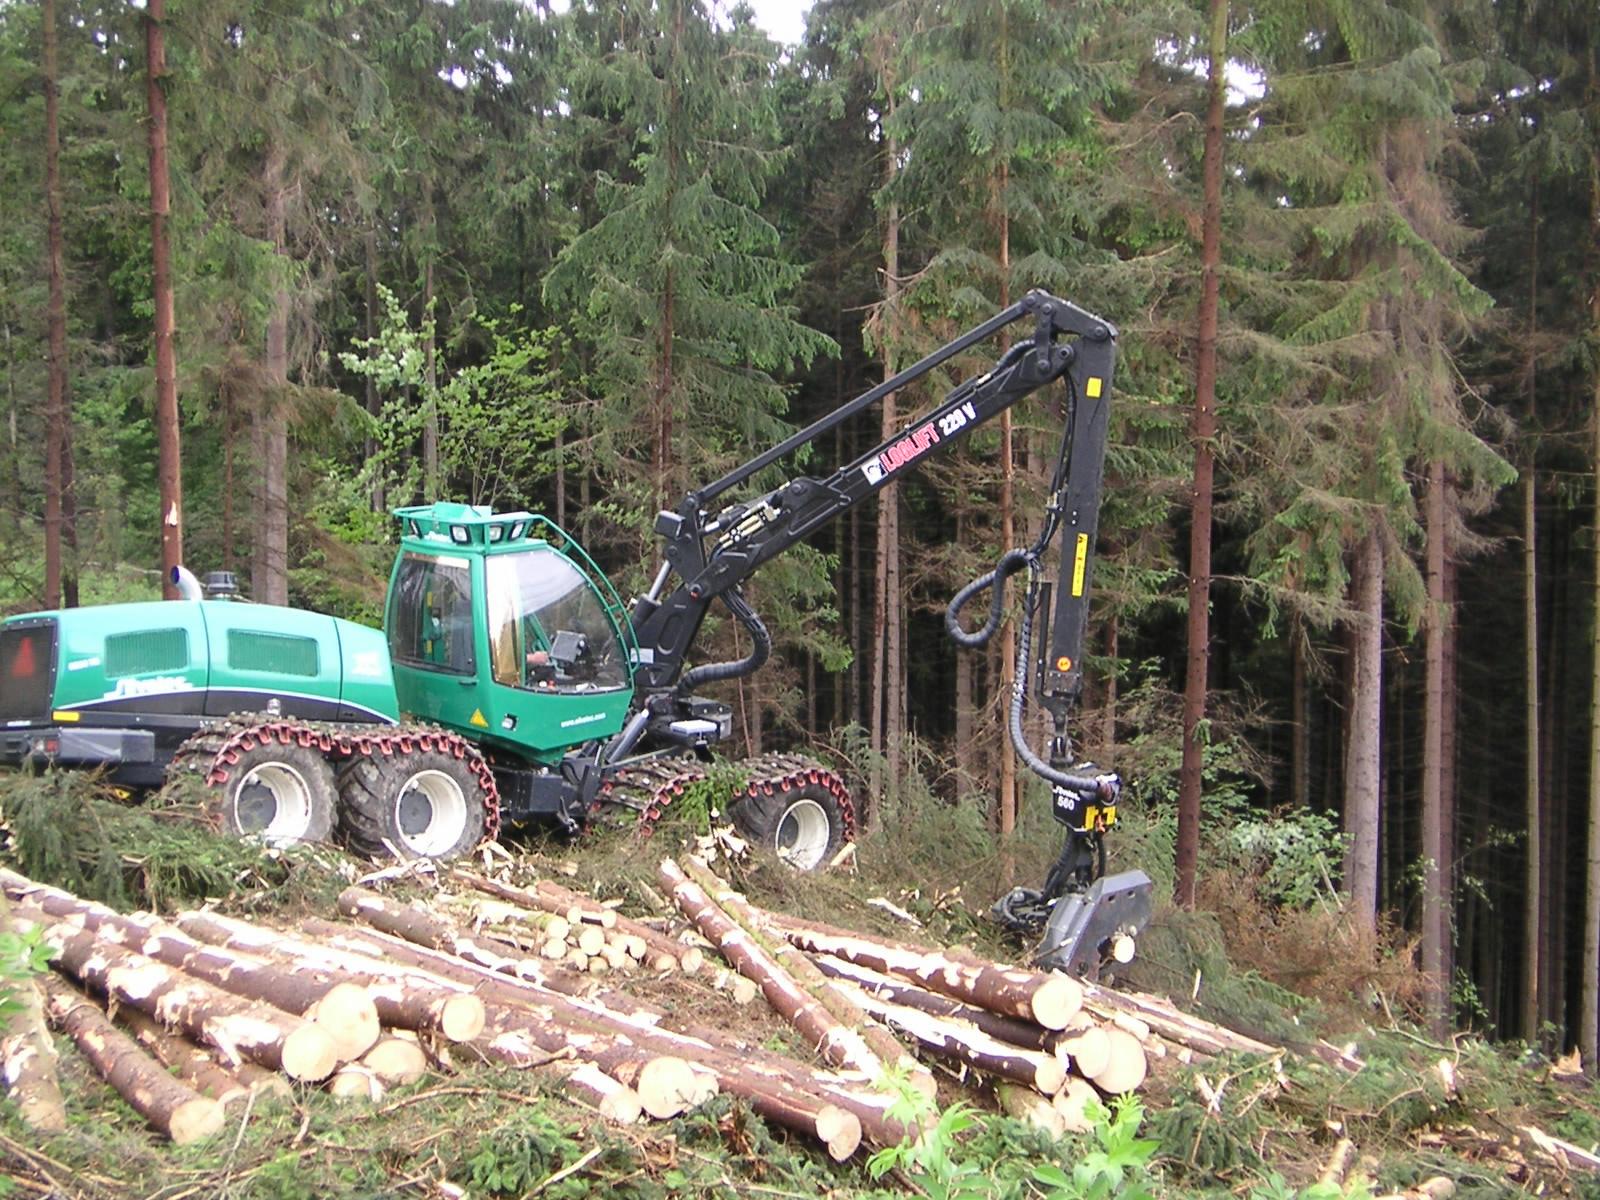 Skovningsmaskine Silvatec Sleipner